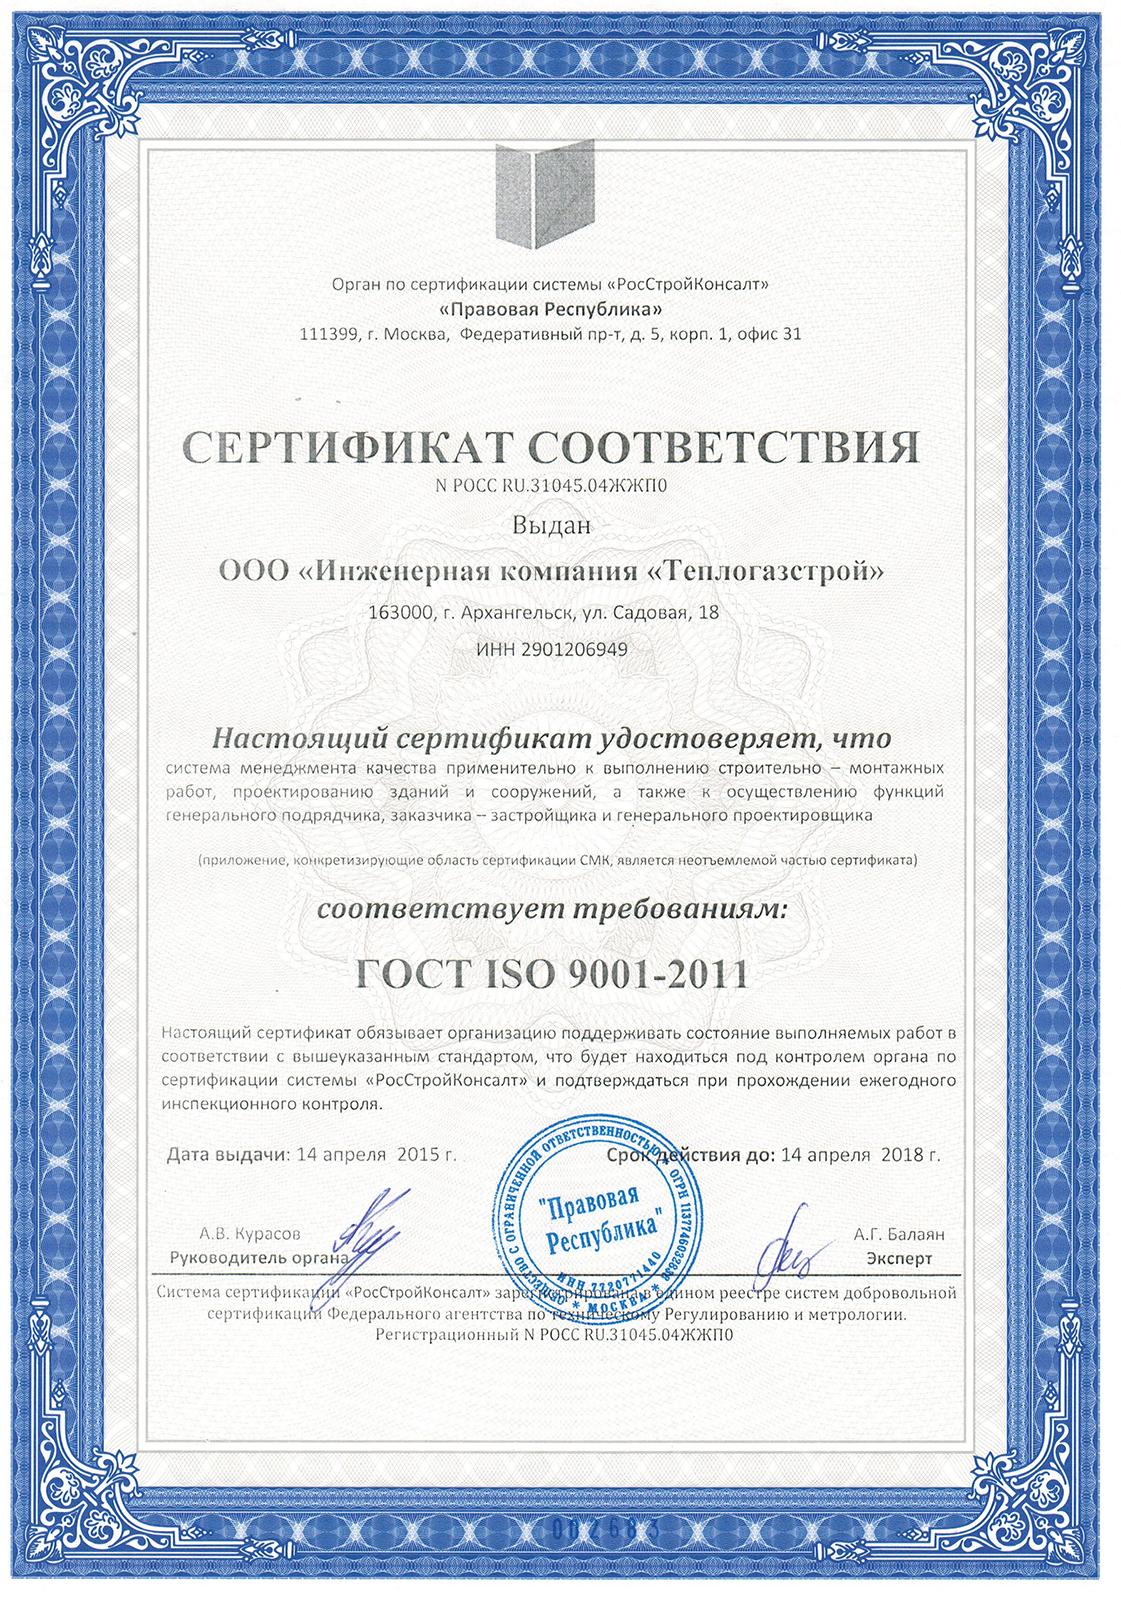 Сертификат соответствия ISO 9001-2011 применительно к выполнению строительно-монтажных работ, проектированию зданий и сооружений, а так же к осуществлению функций генерального подрядчика, заказчика-застройщика и генерального проектировщика